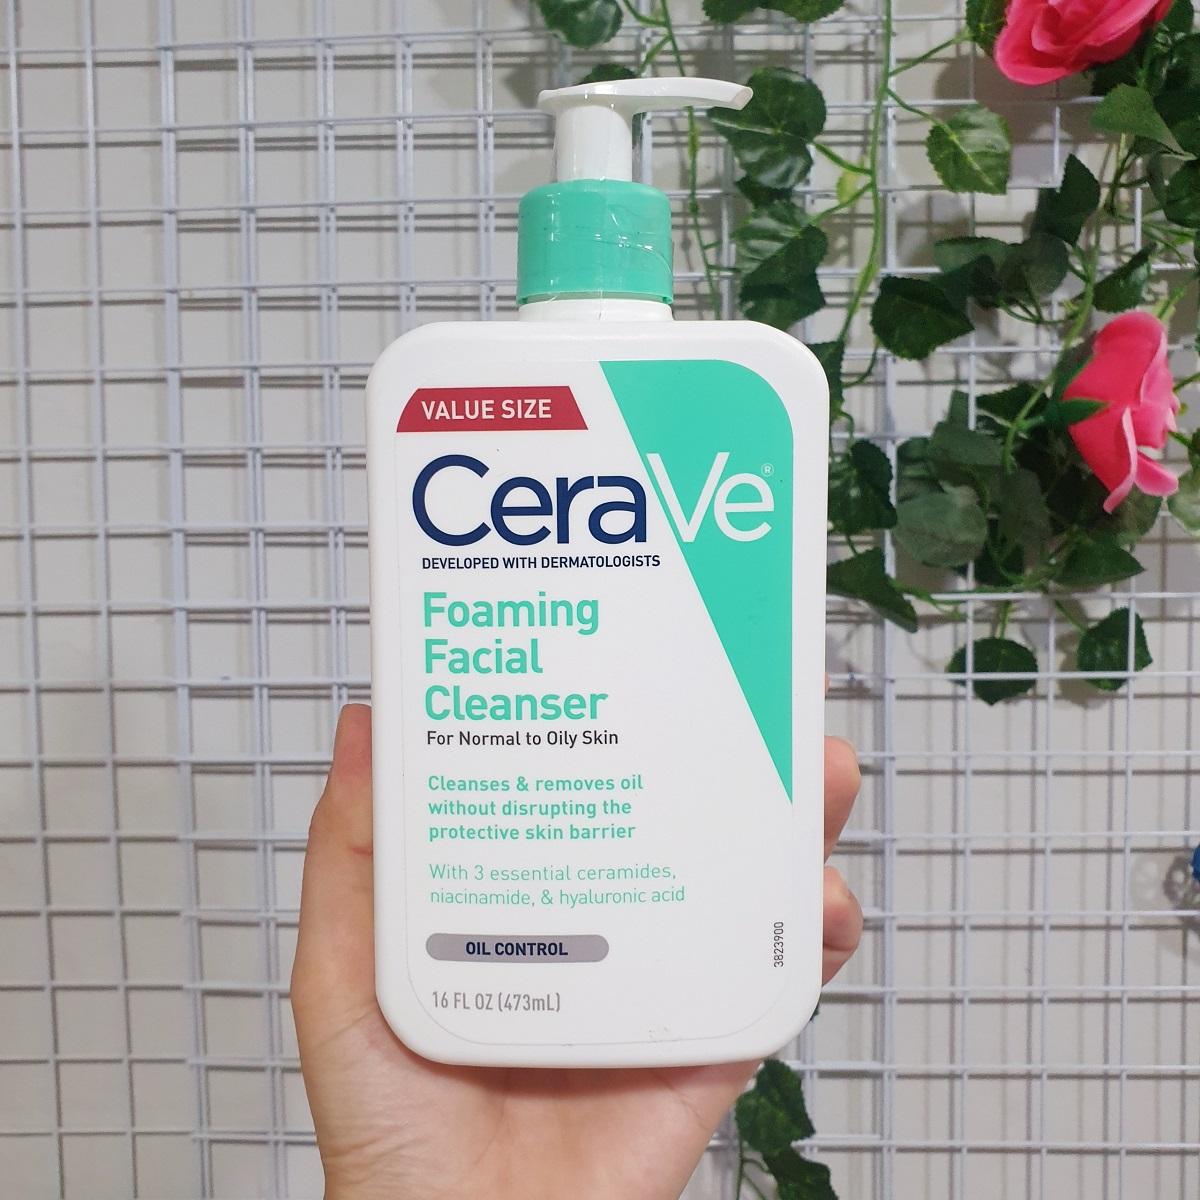 Sữa rửa mặt Cerave Foaming Facial Cleanser 473ml dành cho da thường và da dầu chính hãng (Mỹ)